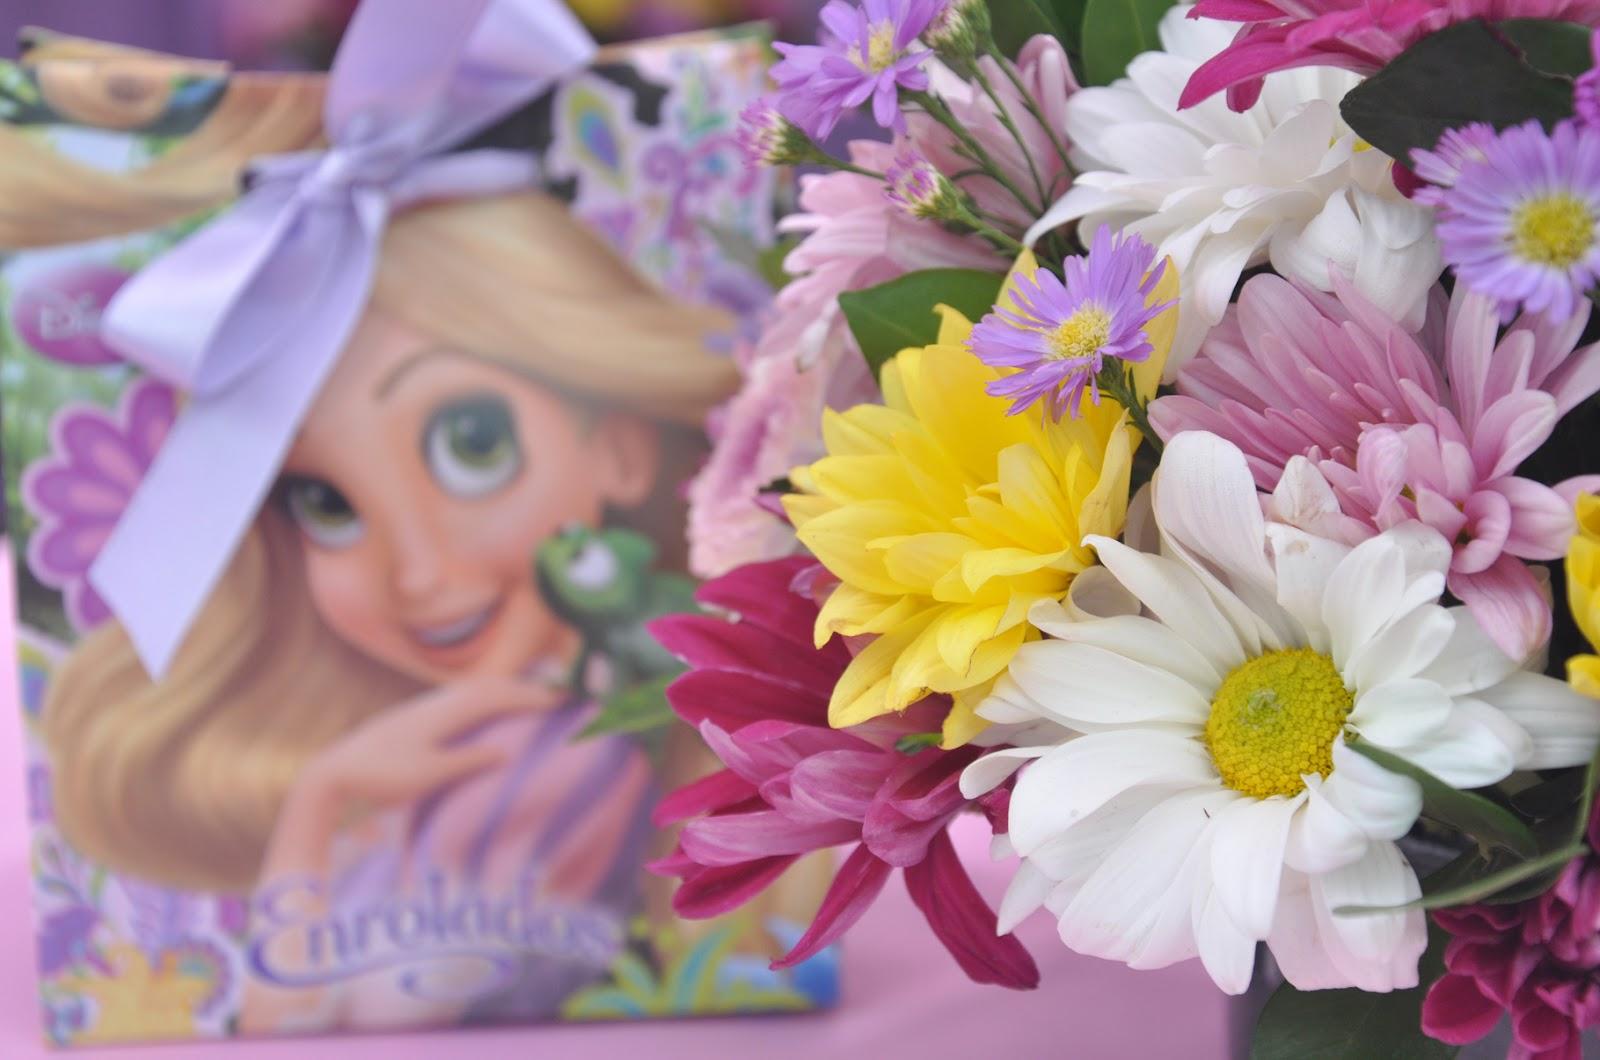 Decoracion Rapunzel Enredados ~ Acuarela Fiesta Rapunzel de Enredados (Festa Rapunzel de Enrolados)